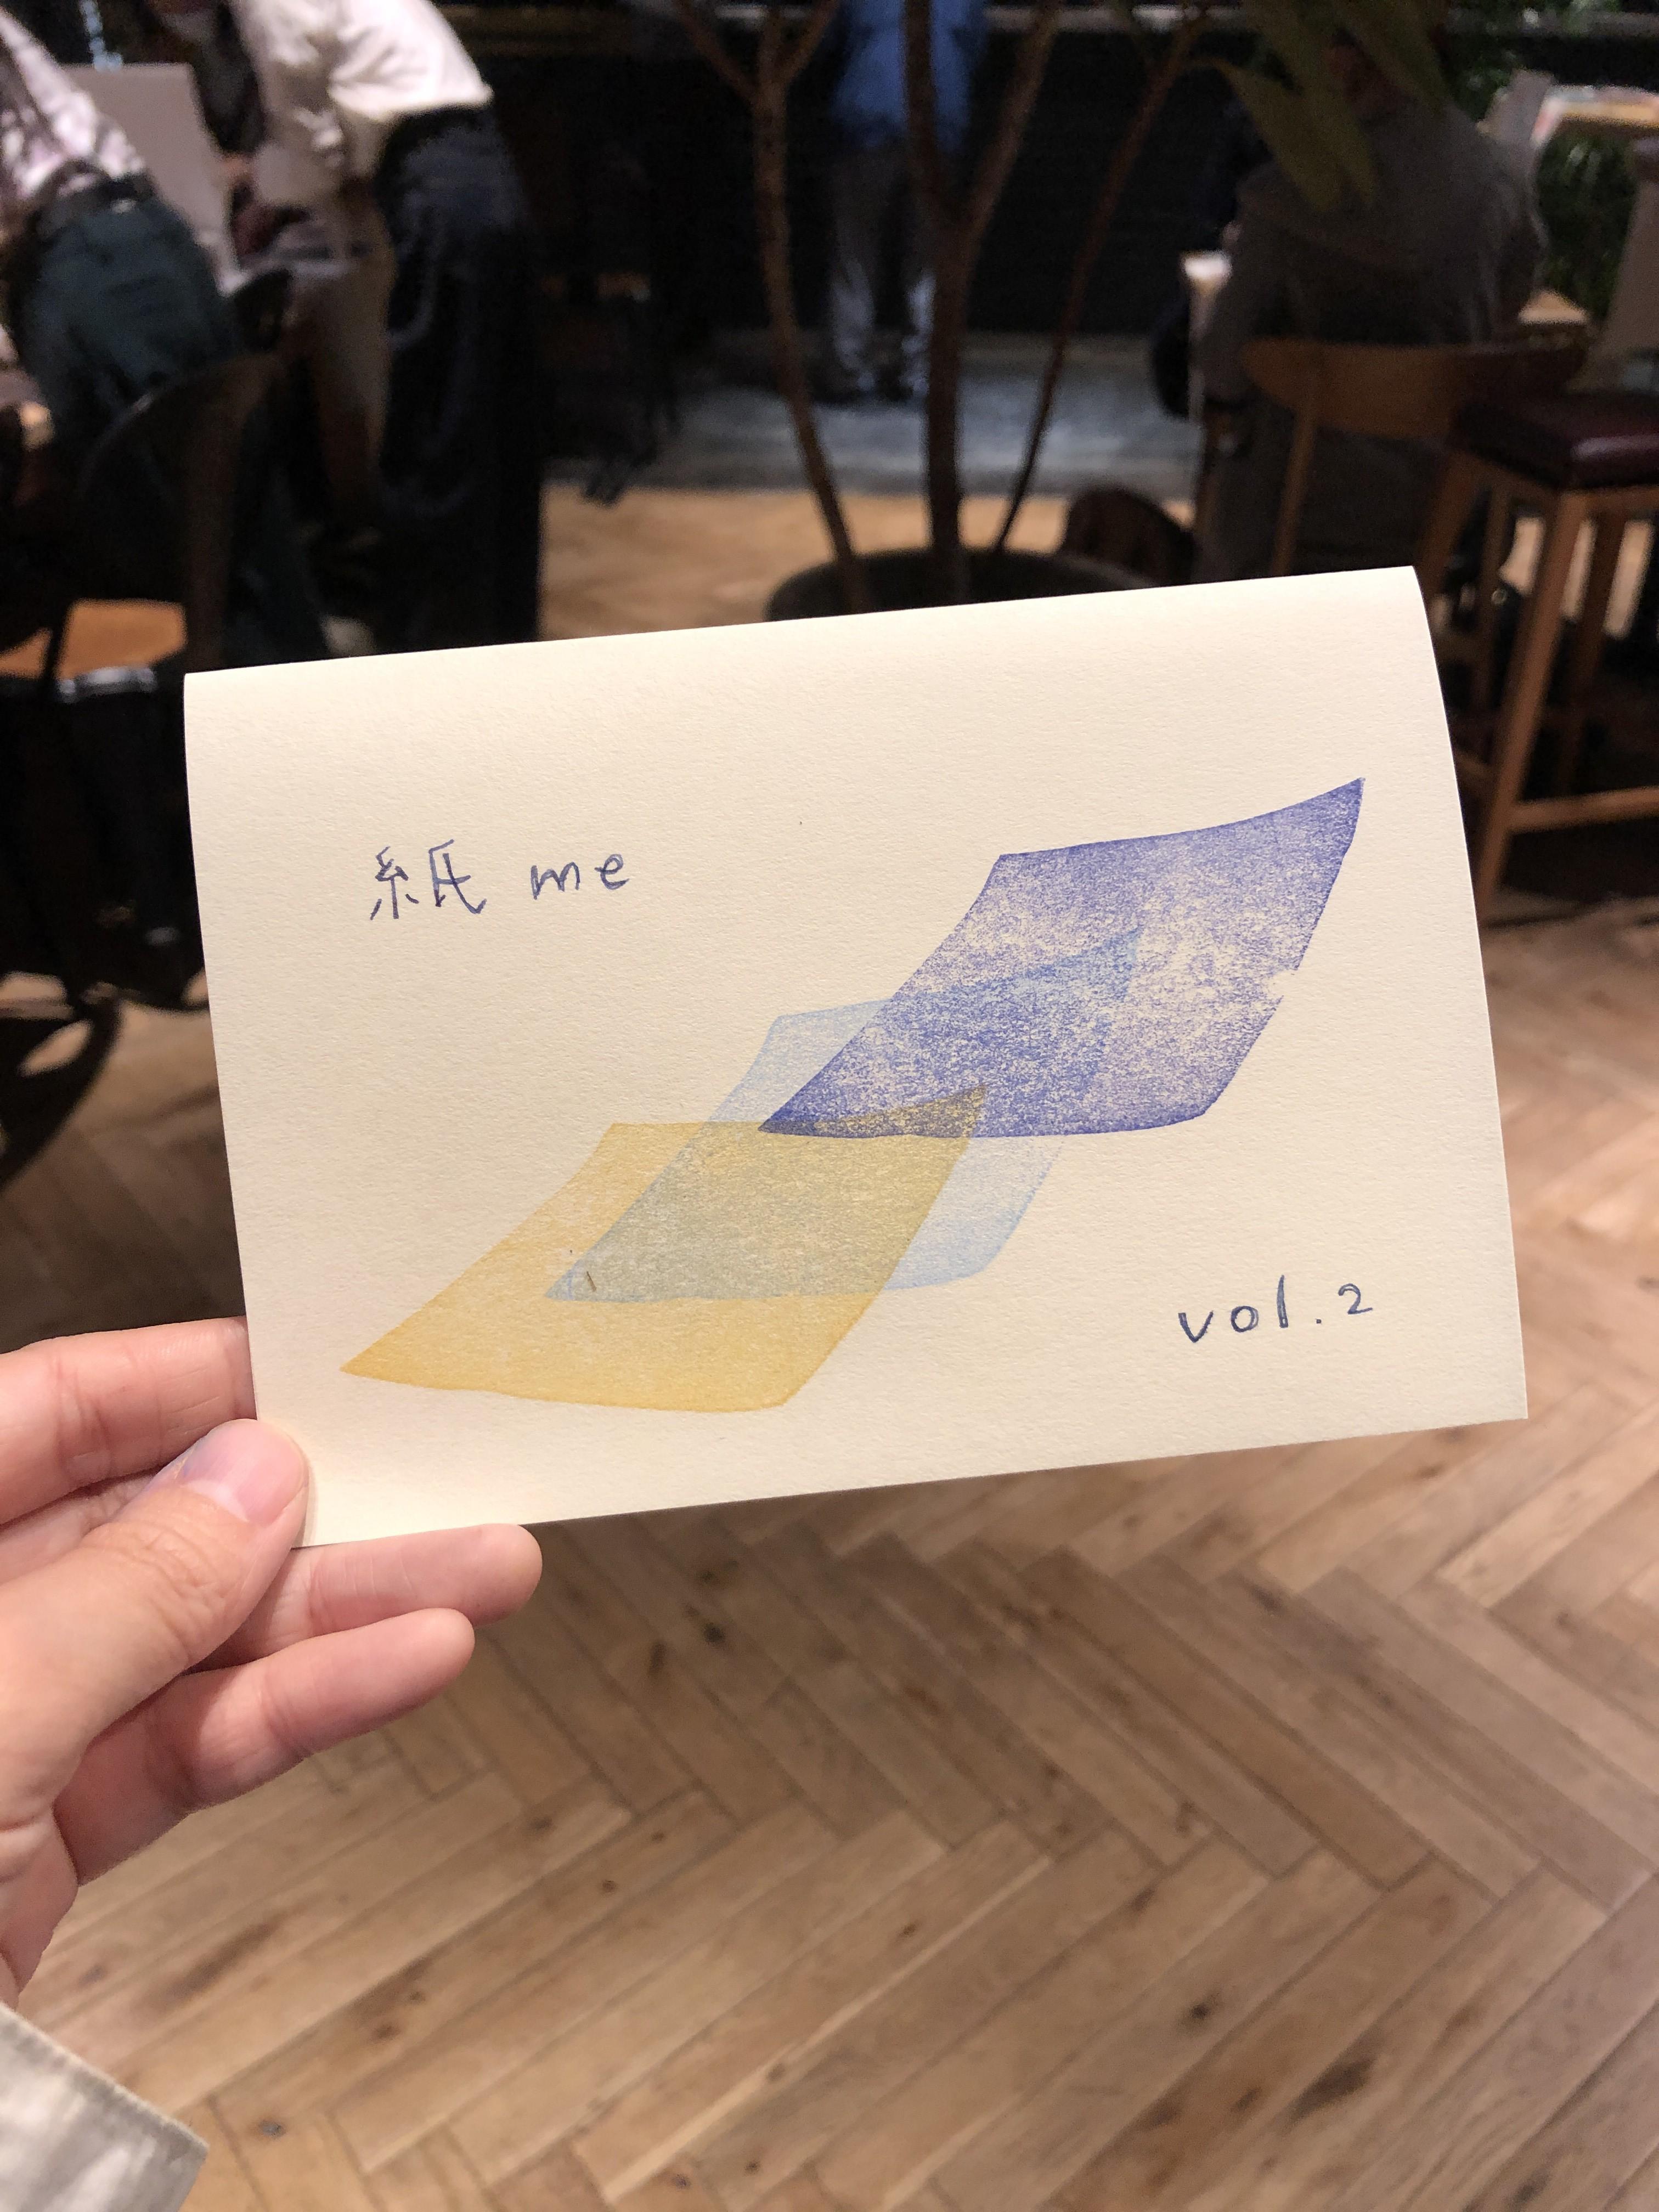 【紙me vol.2】ありがとうございました。